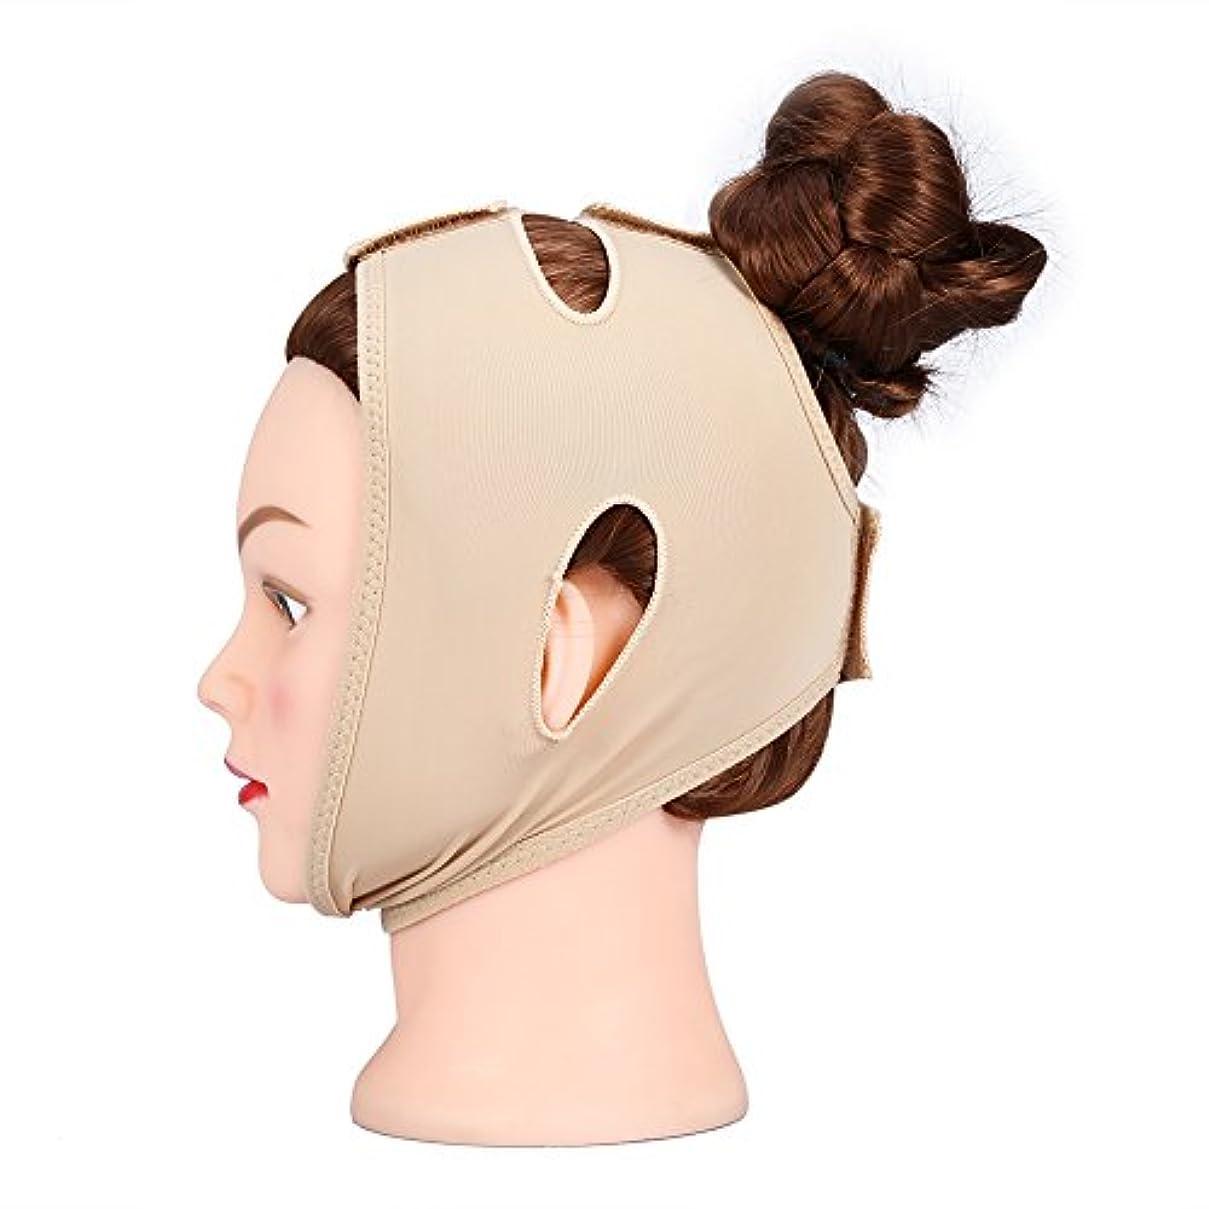 ドラゴンスーパーマーケット飢饉フェイシャルシェーピングマスク、フェイスリフトアップシンネックマスクバンデージ(M)